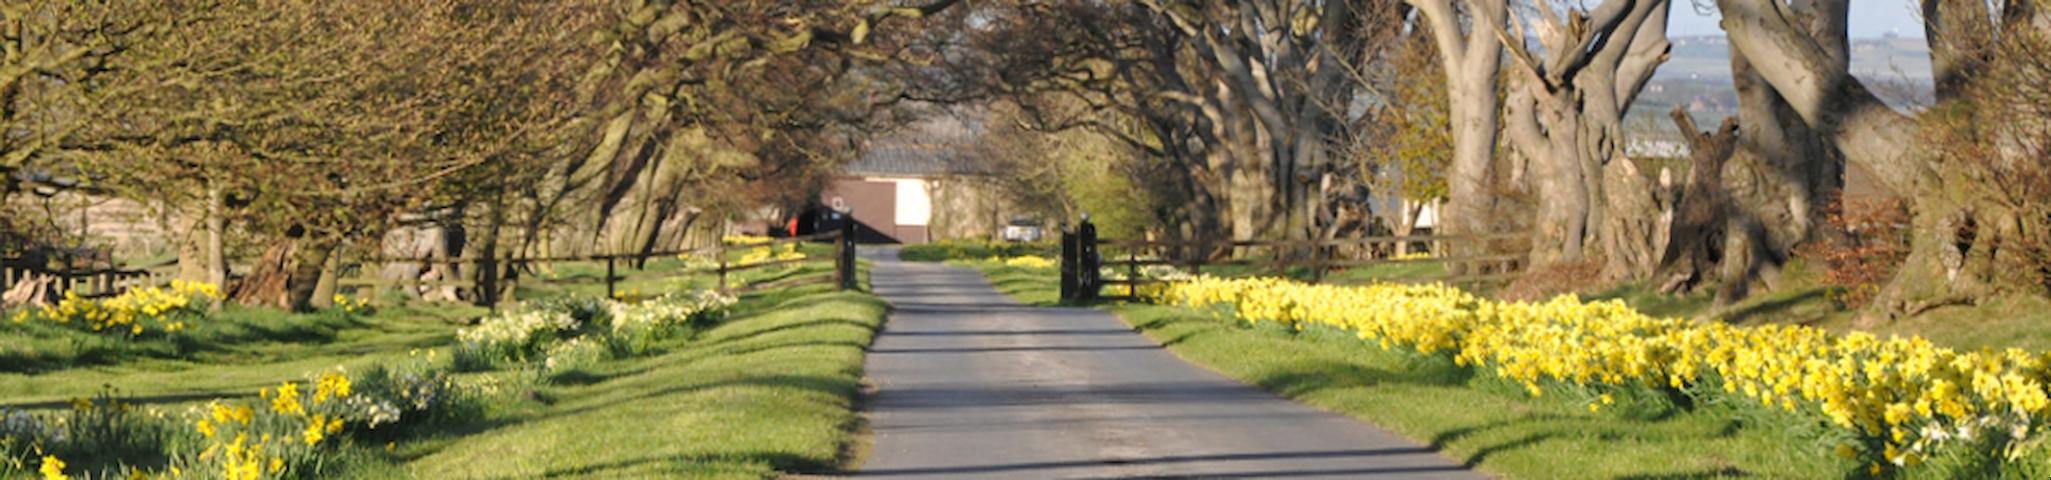 Ivesley Equestrian Centre - เดอแฮม - ที่พักพร้อมอาหารเช้า